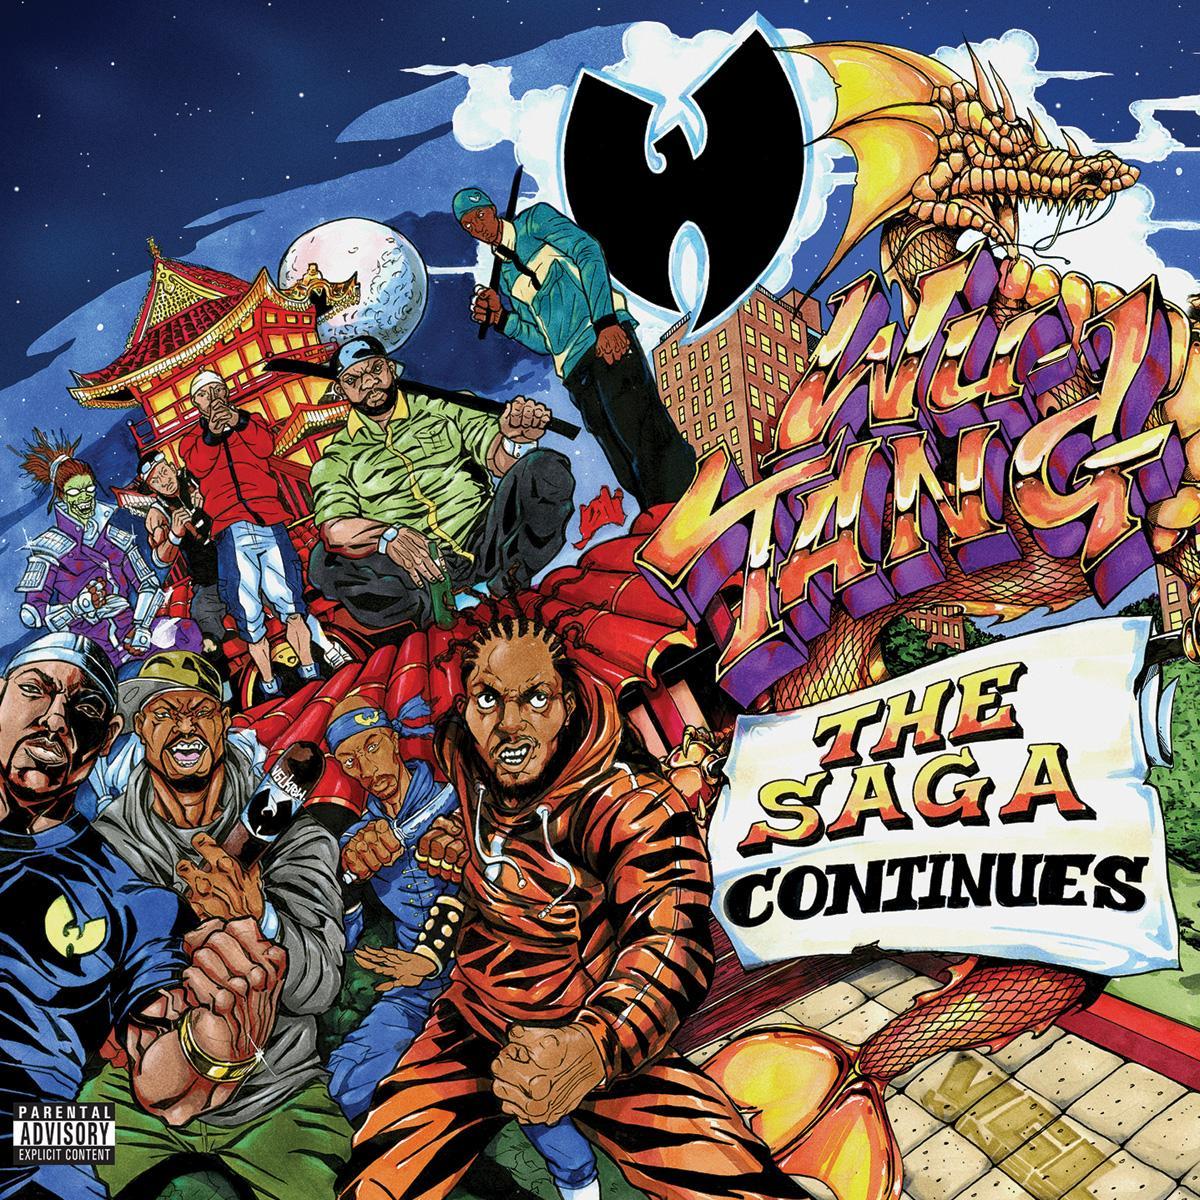 Wu-Tang Clan: The Saga Continues